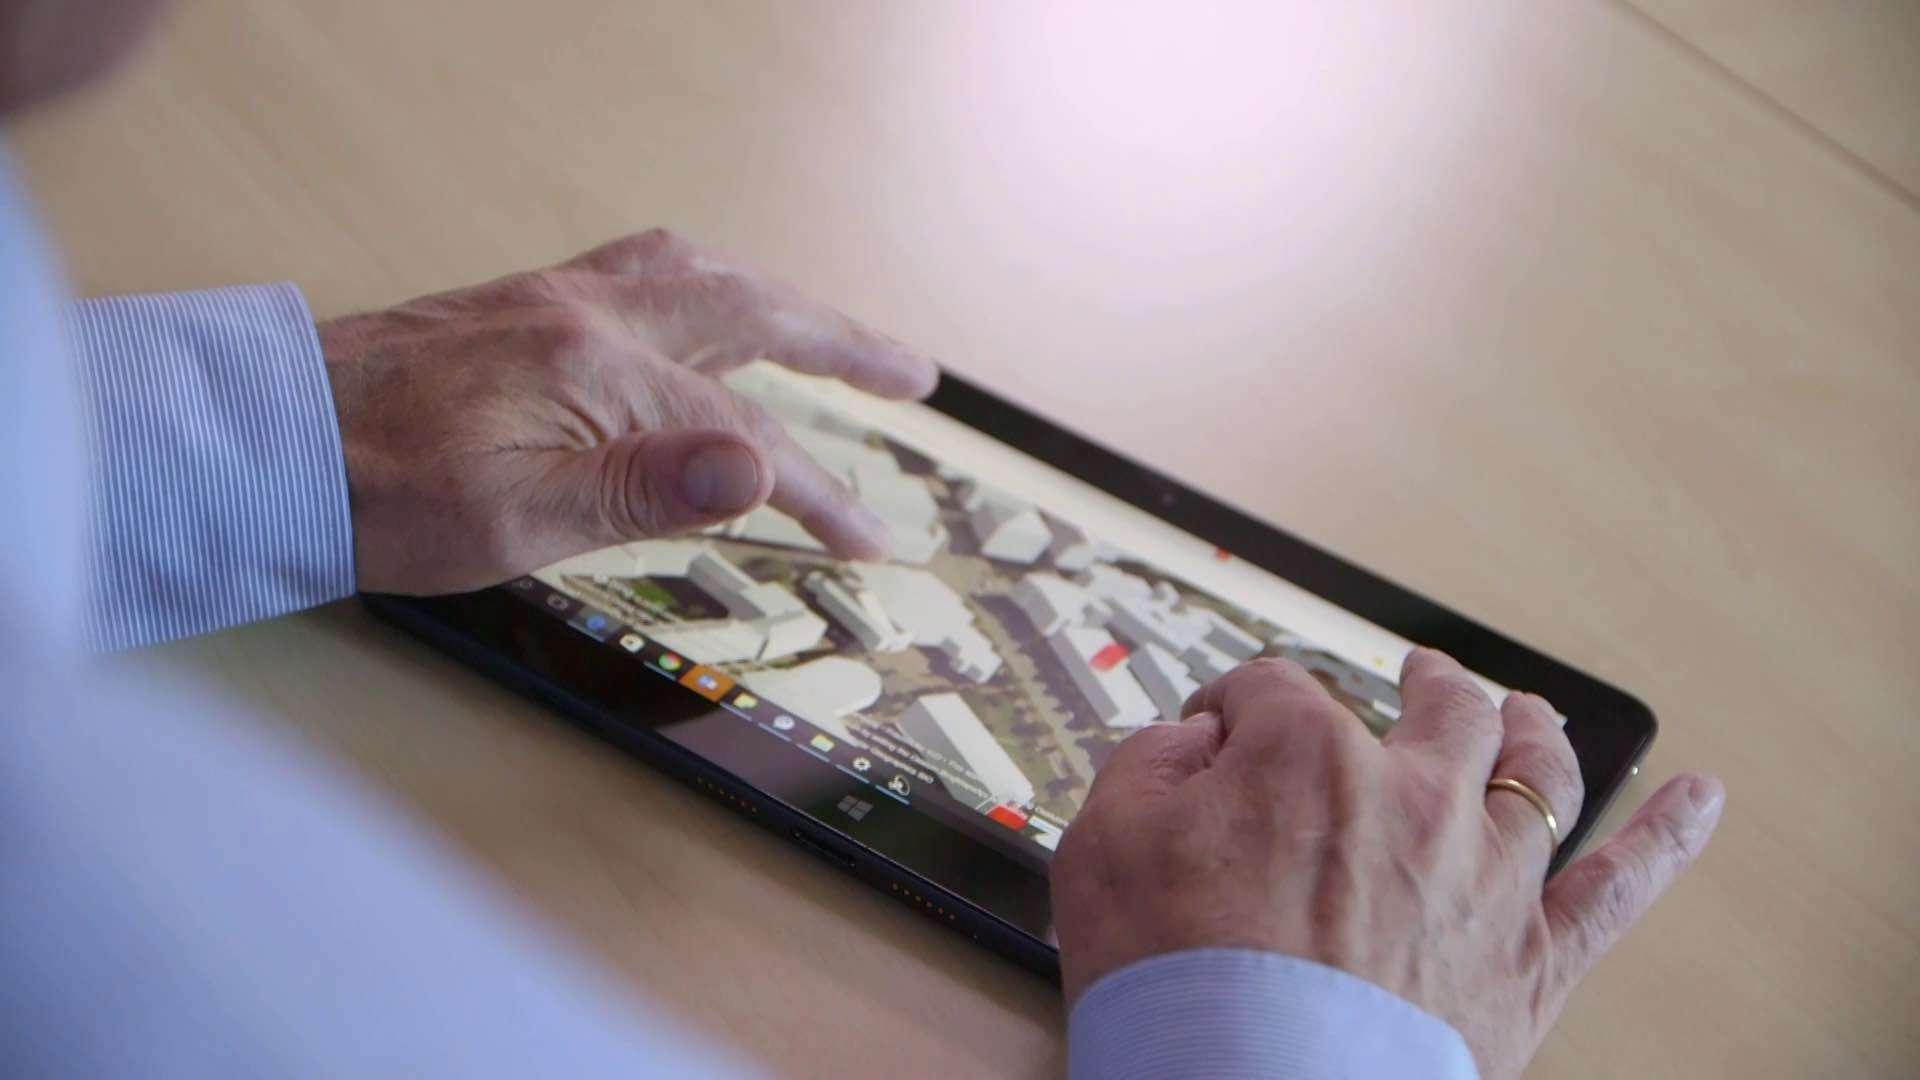 Ein Mann bedient ein Windows-Tablet